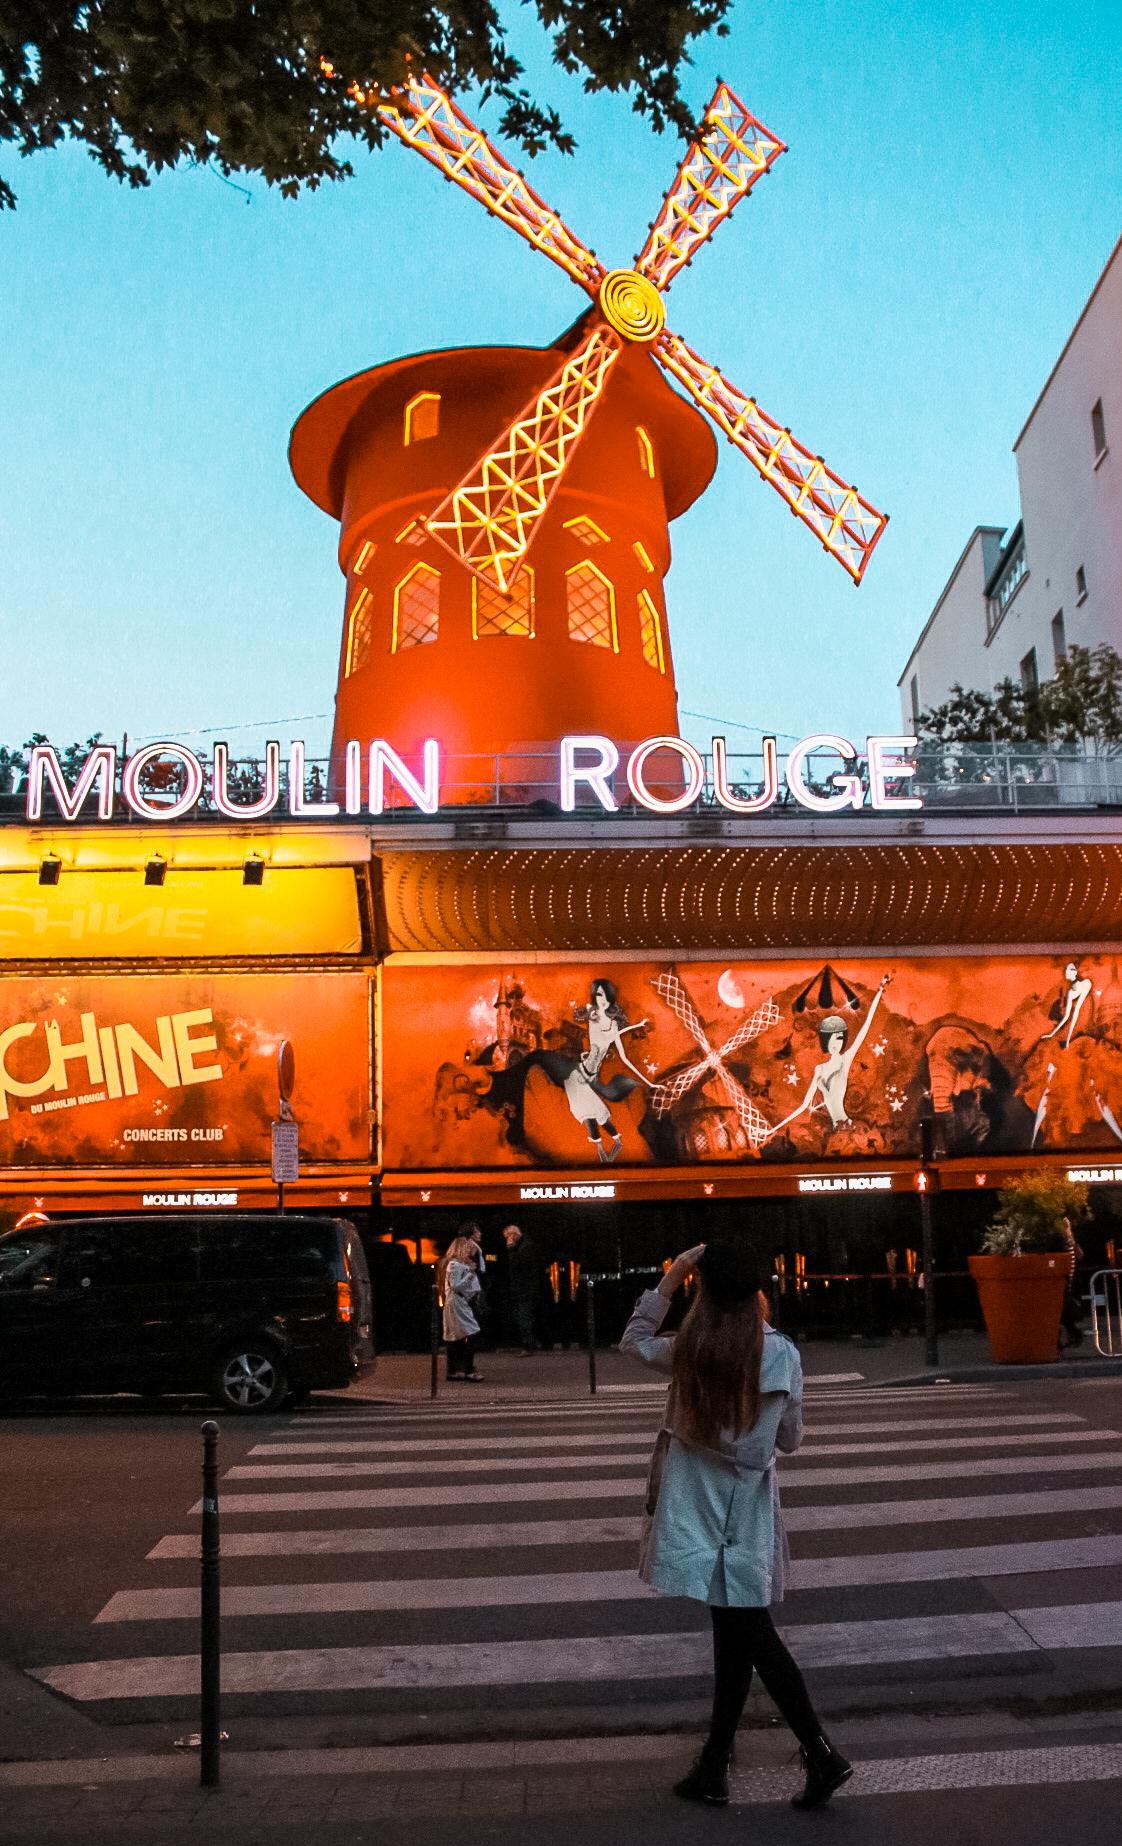 moulin rouge Top 10 Photo Spots in Paris